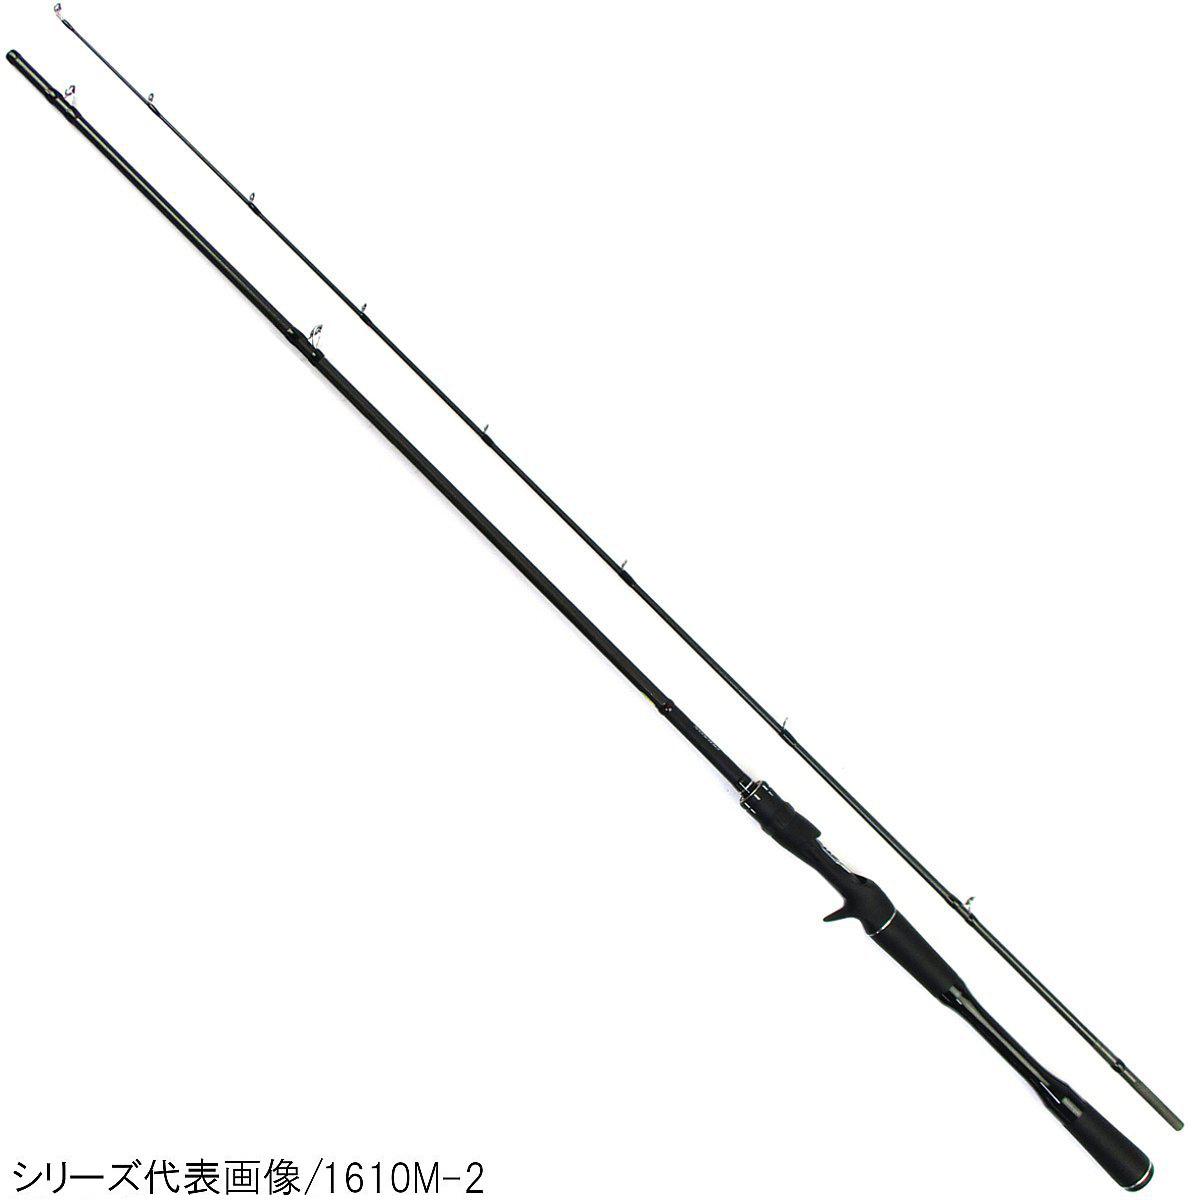 シマノ ポイズンアドレナ センターカット2ピース(ベイト) 166M-2(東日本店)